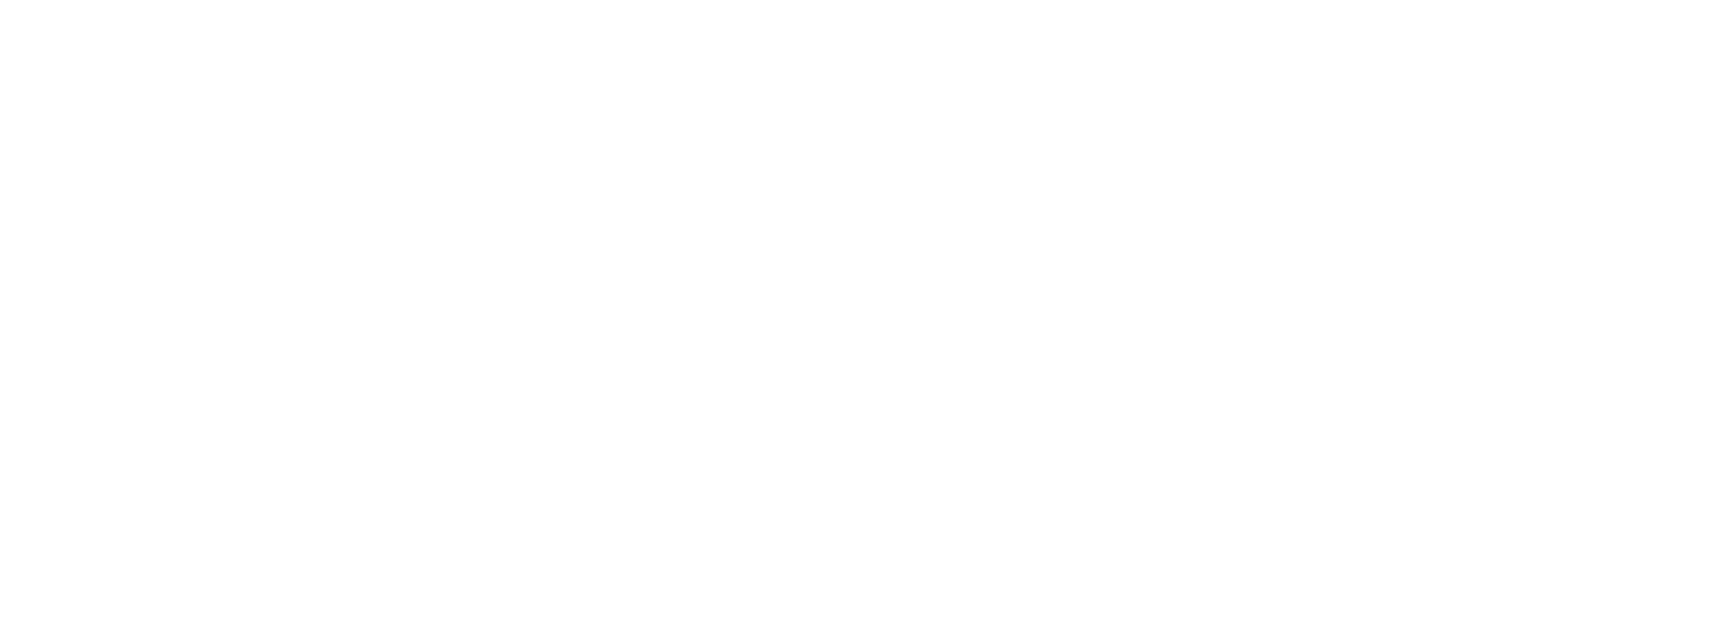 Made in Tel Aviv